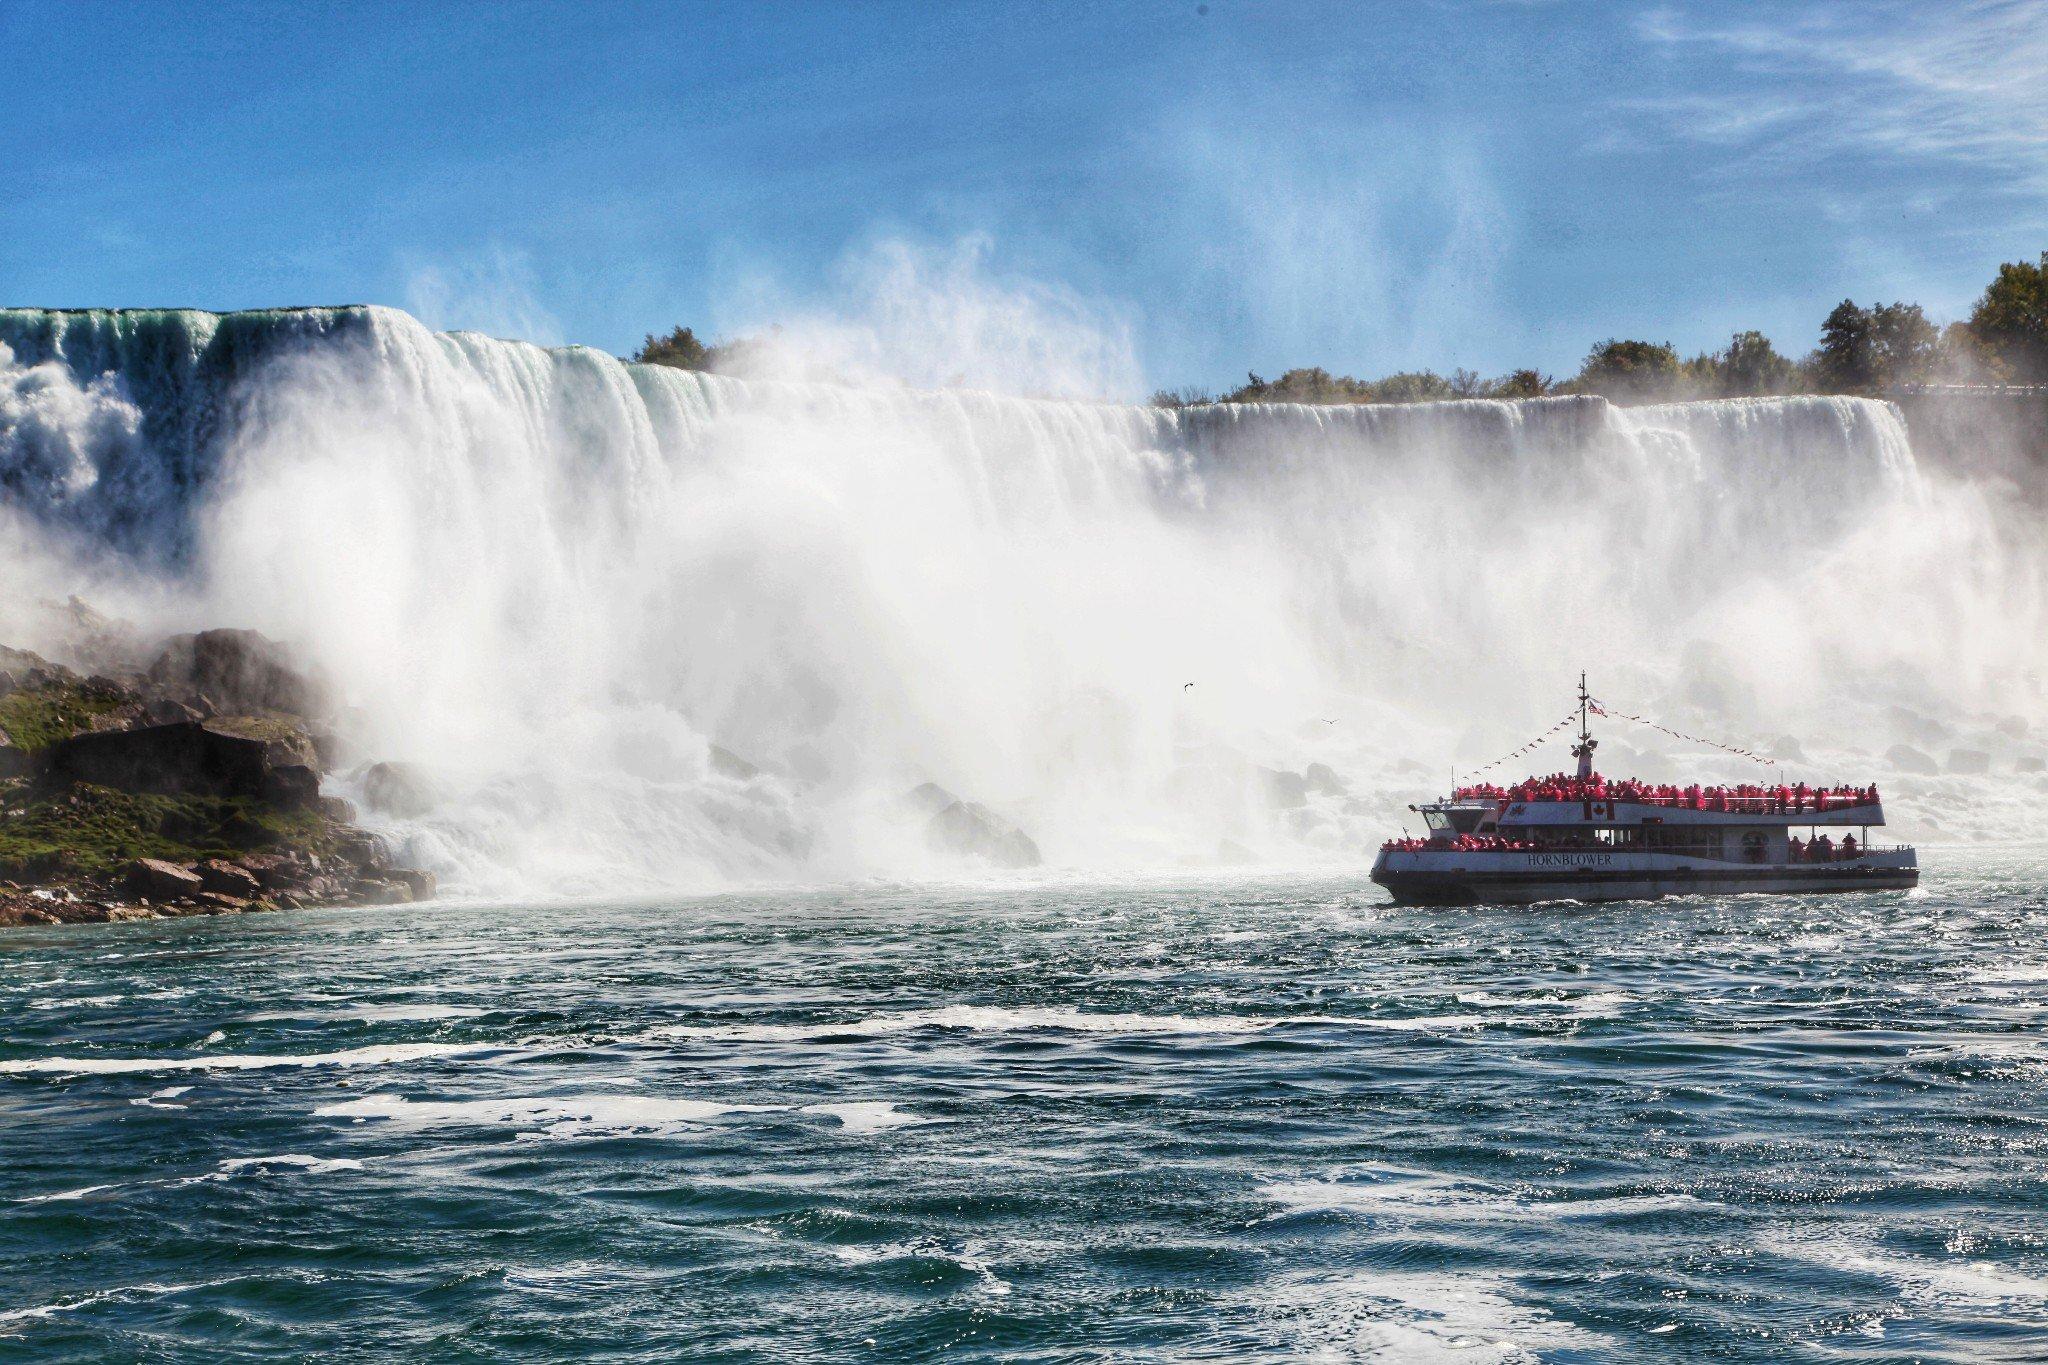 加拿大自驾逆追枫,拍鬼怪同款,造访0游客的北美最大市集